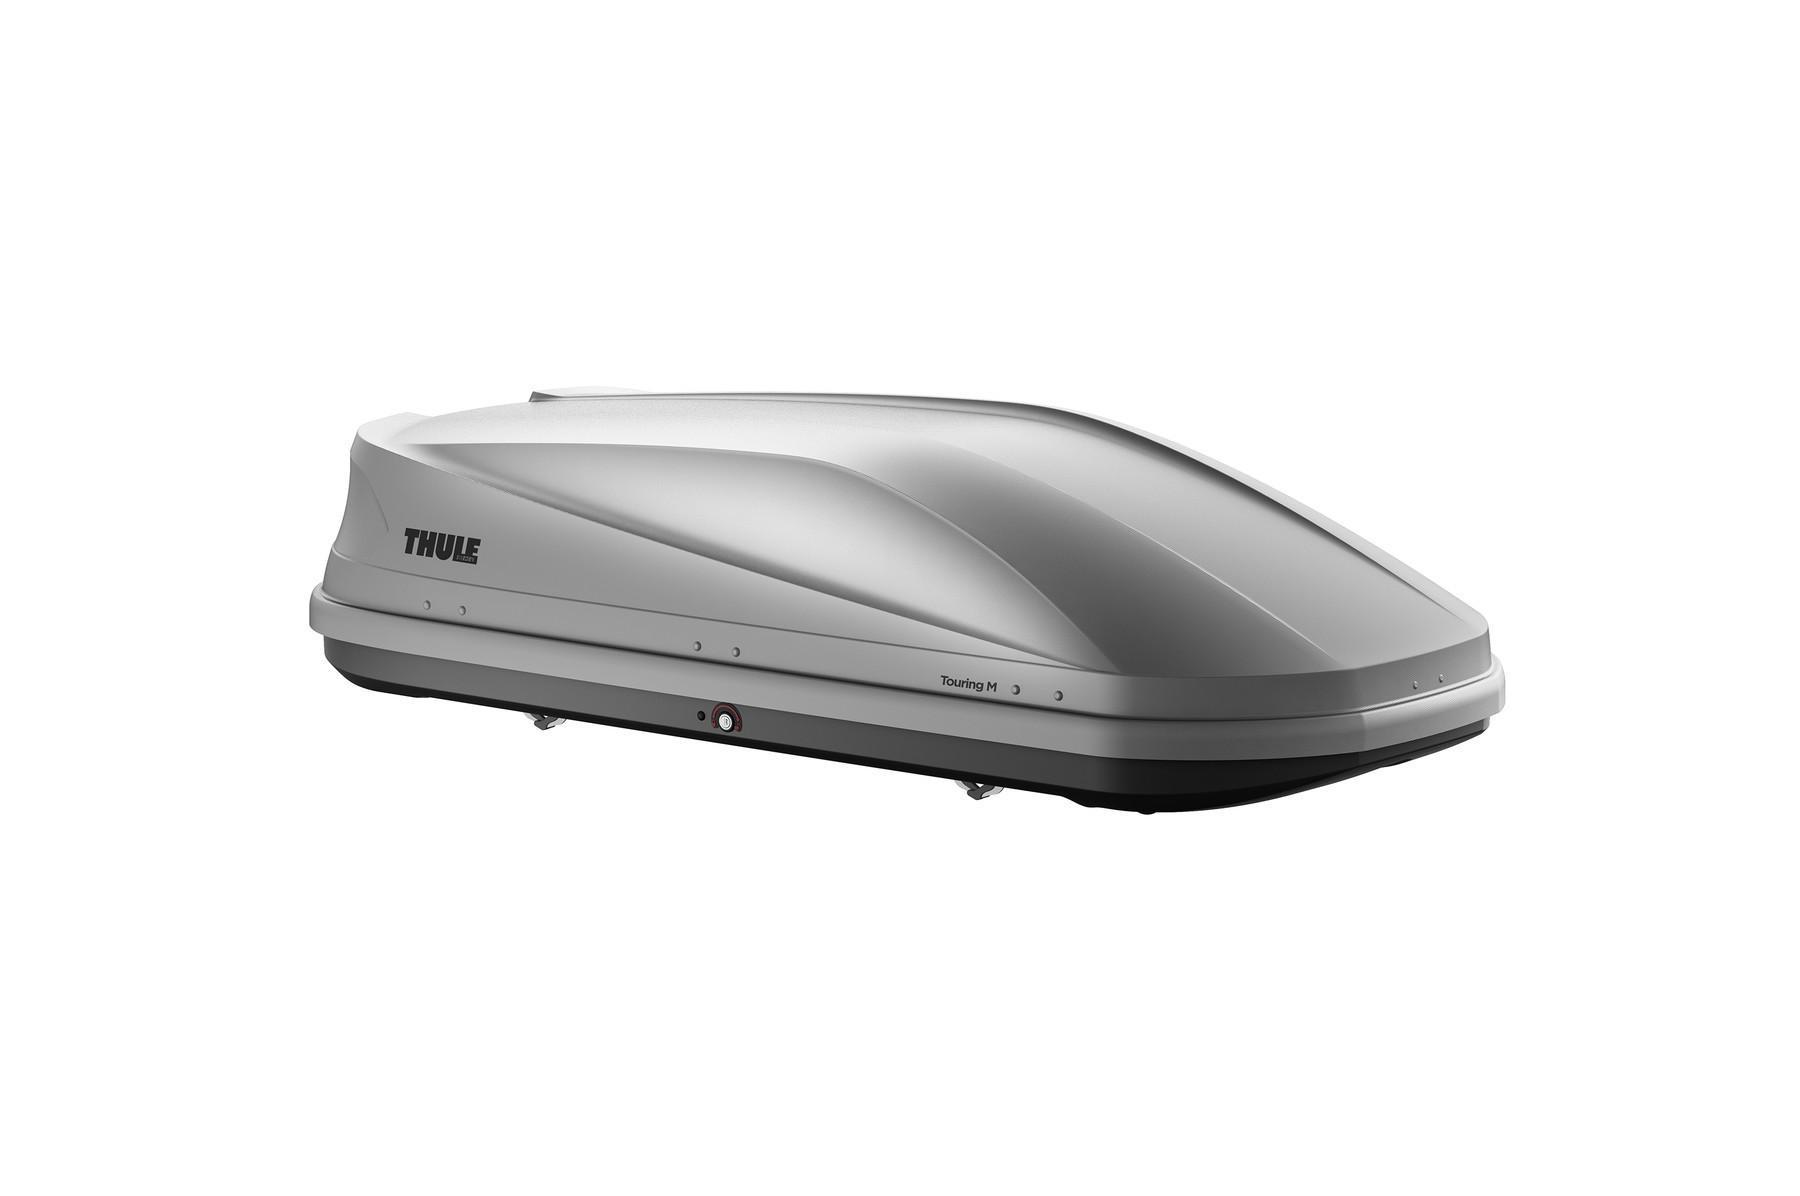 Dachbox 'Thule Touring M - Titan Aeroskin' | Thule